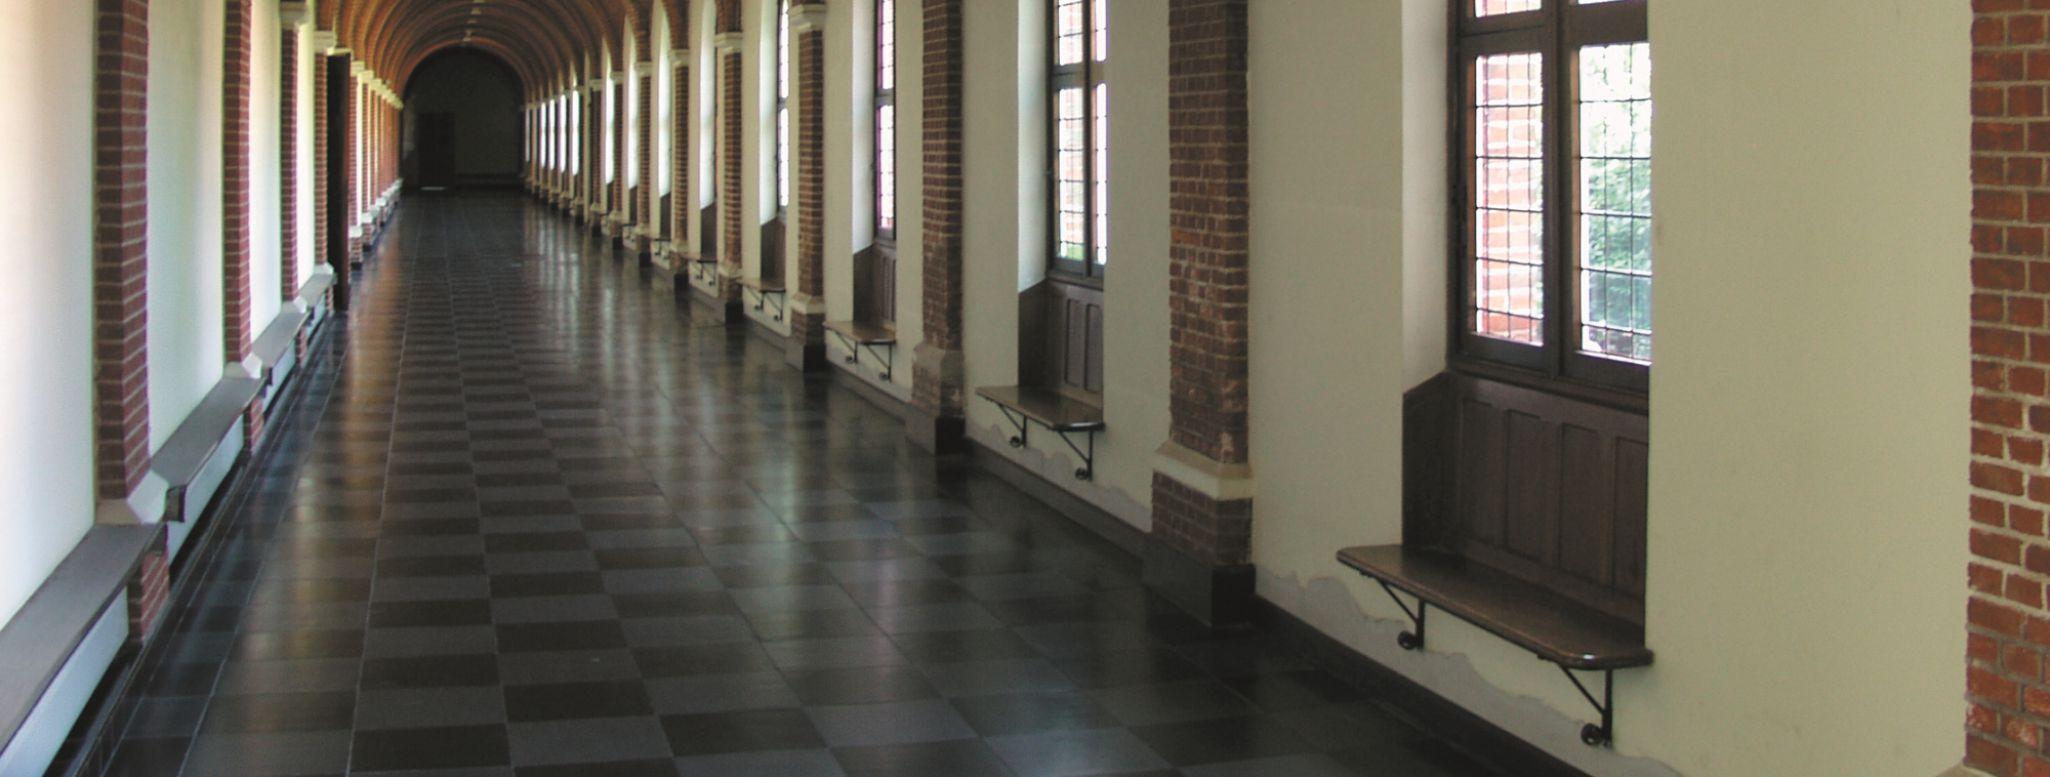 Abdij Westmalle gangen